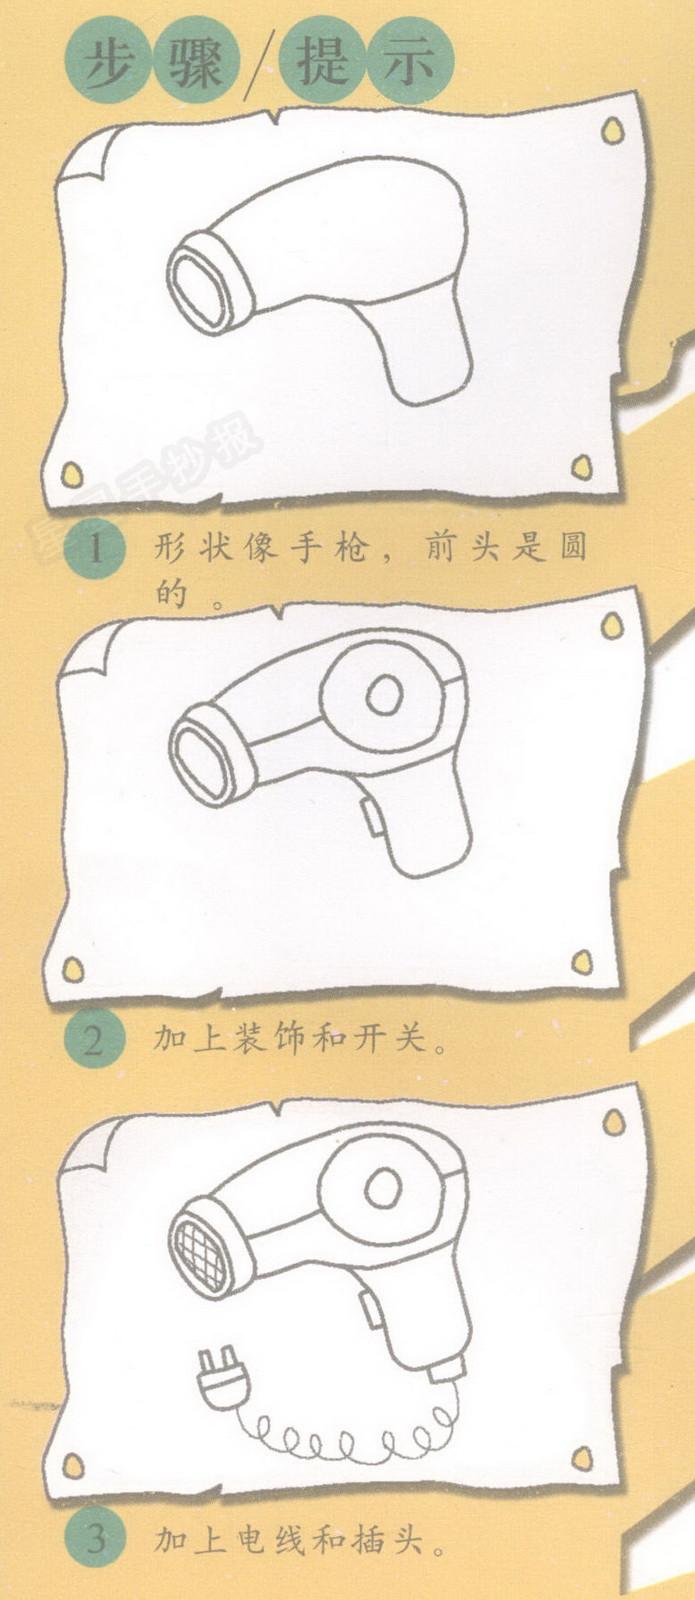 吹风机简笔画